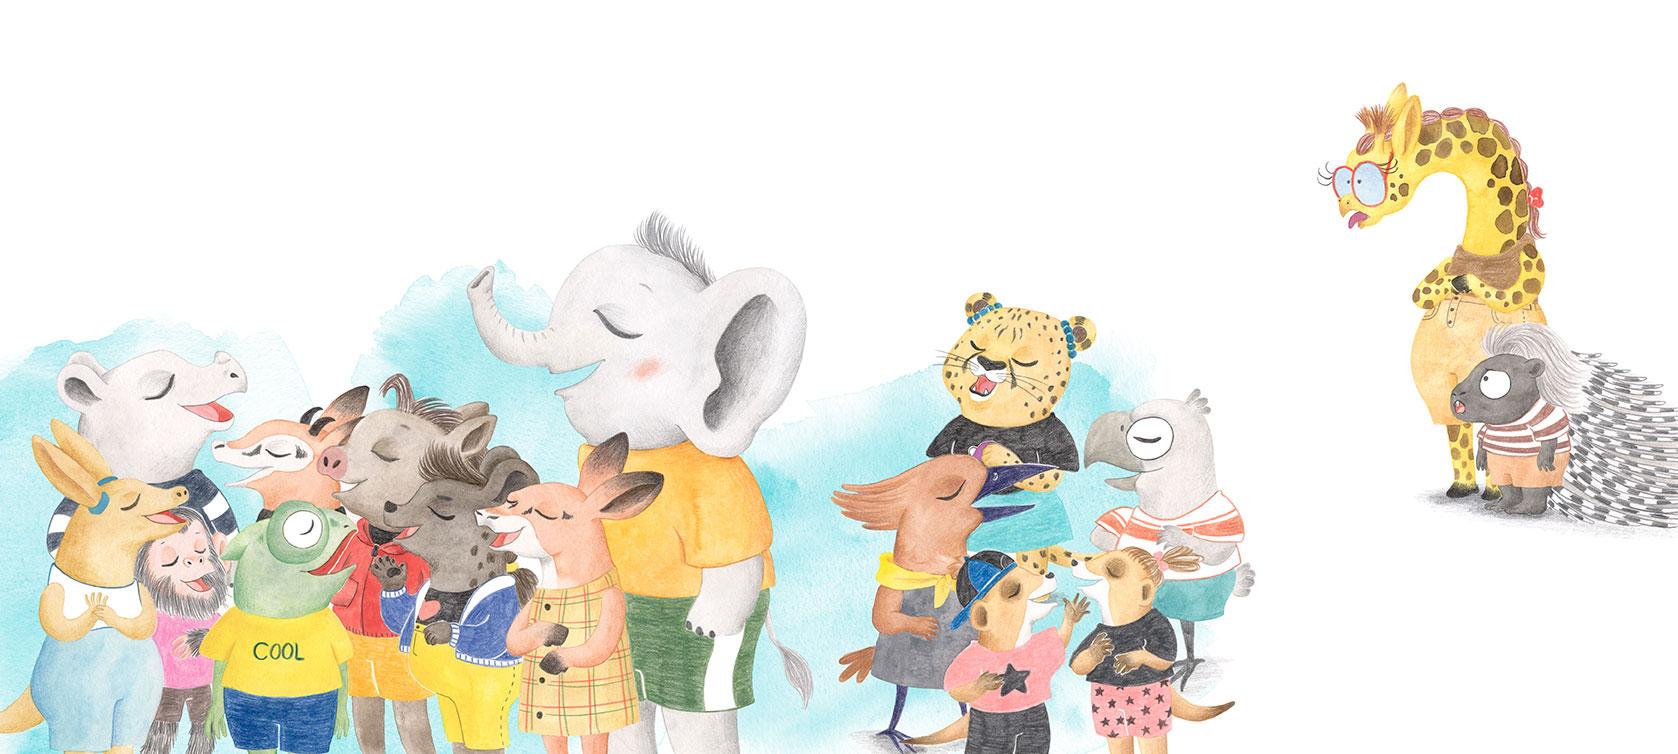 Julia & Paco, Beascoa, Begoña Oro, ilustración de animales, ilustración infantil, ilustración de animales africanos, Escuela Sabana, coro de animales,